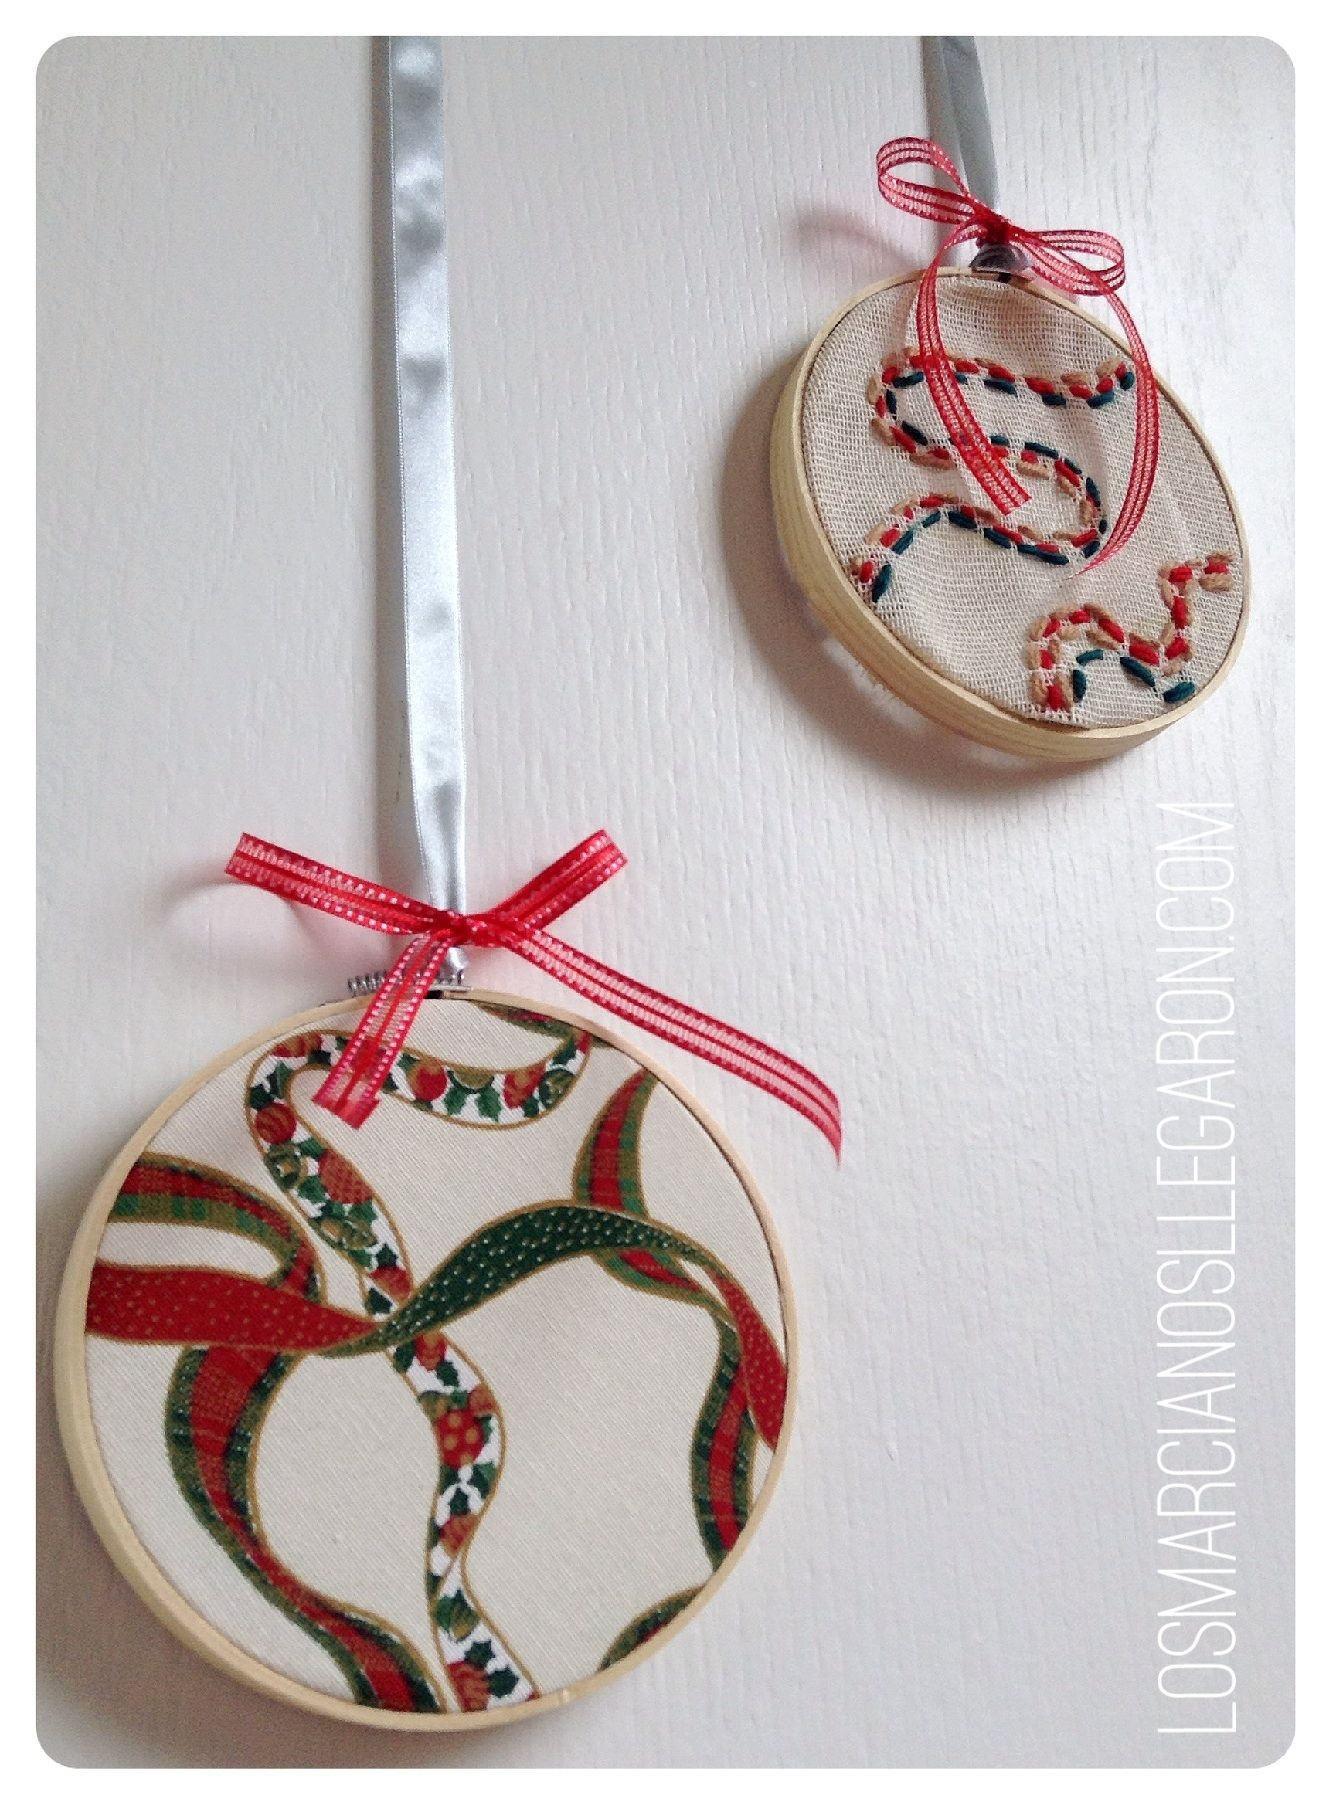 Una preciosa decoraci n navide a con bastidores aritos - Como hacer manualidades navidenas para ninos ...